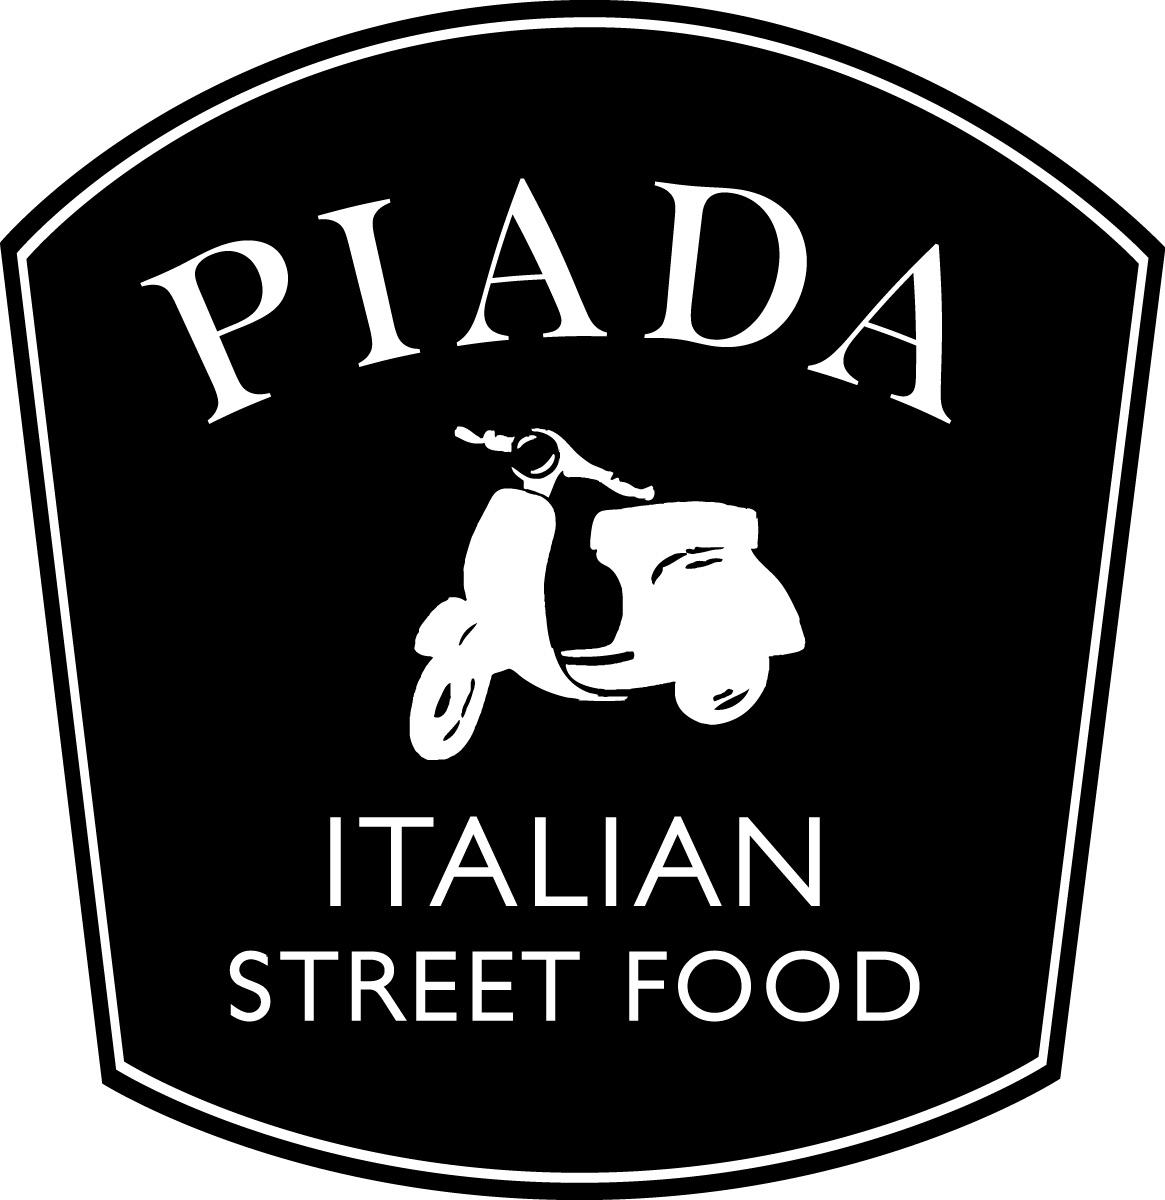 Piada_Crest.jpg